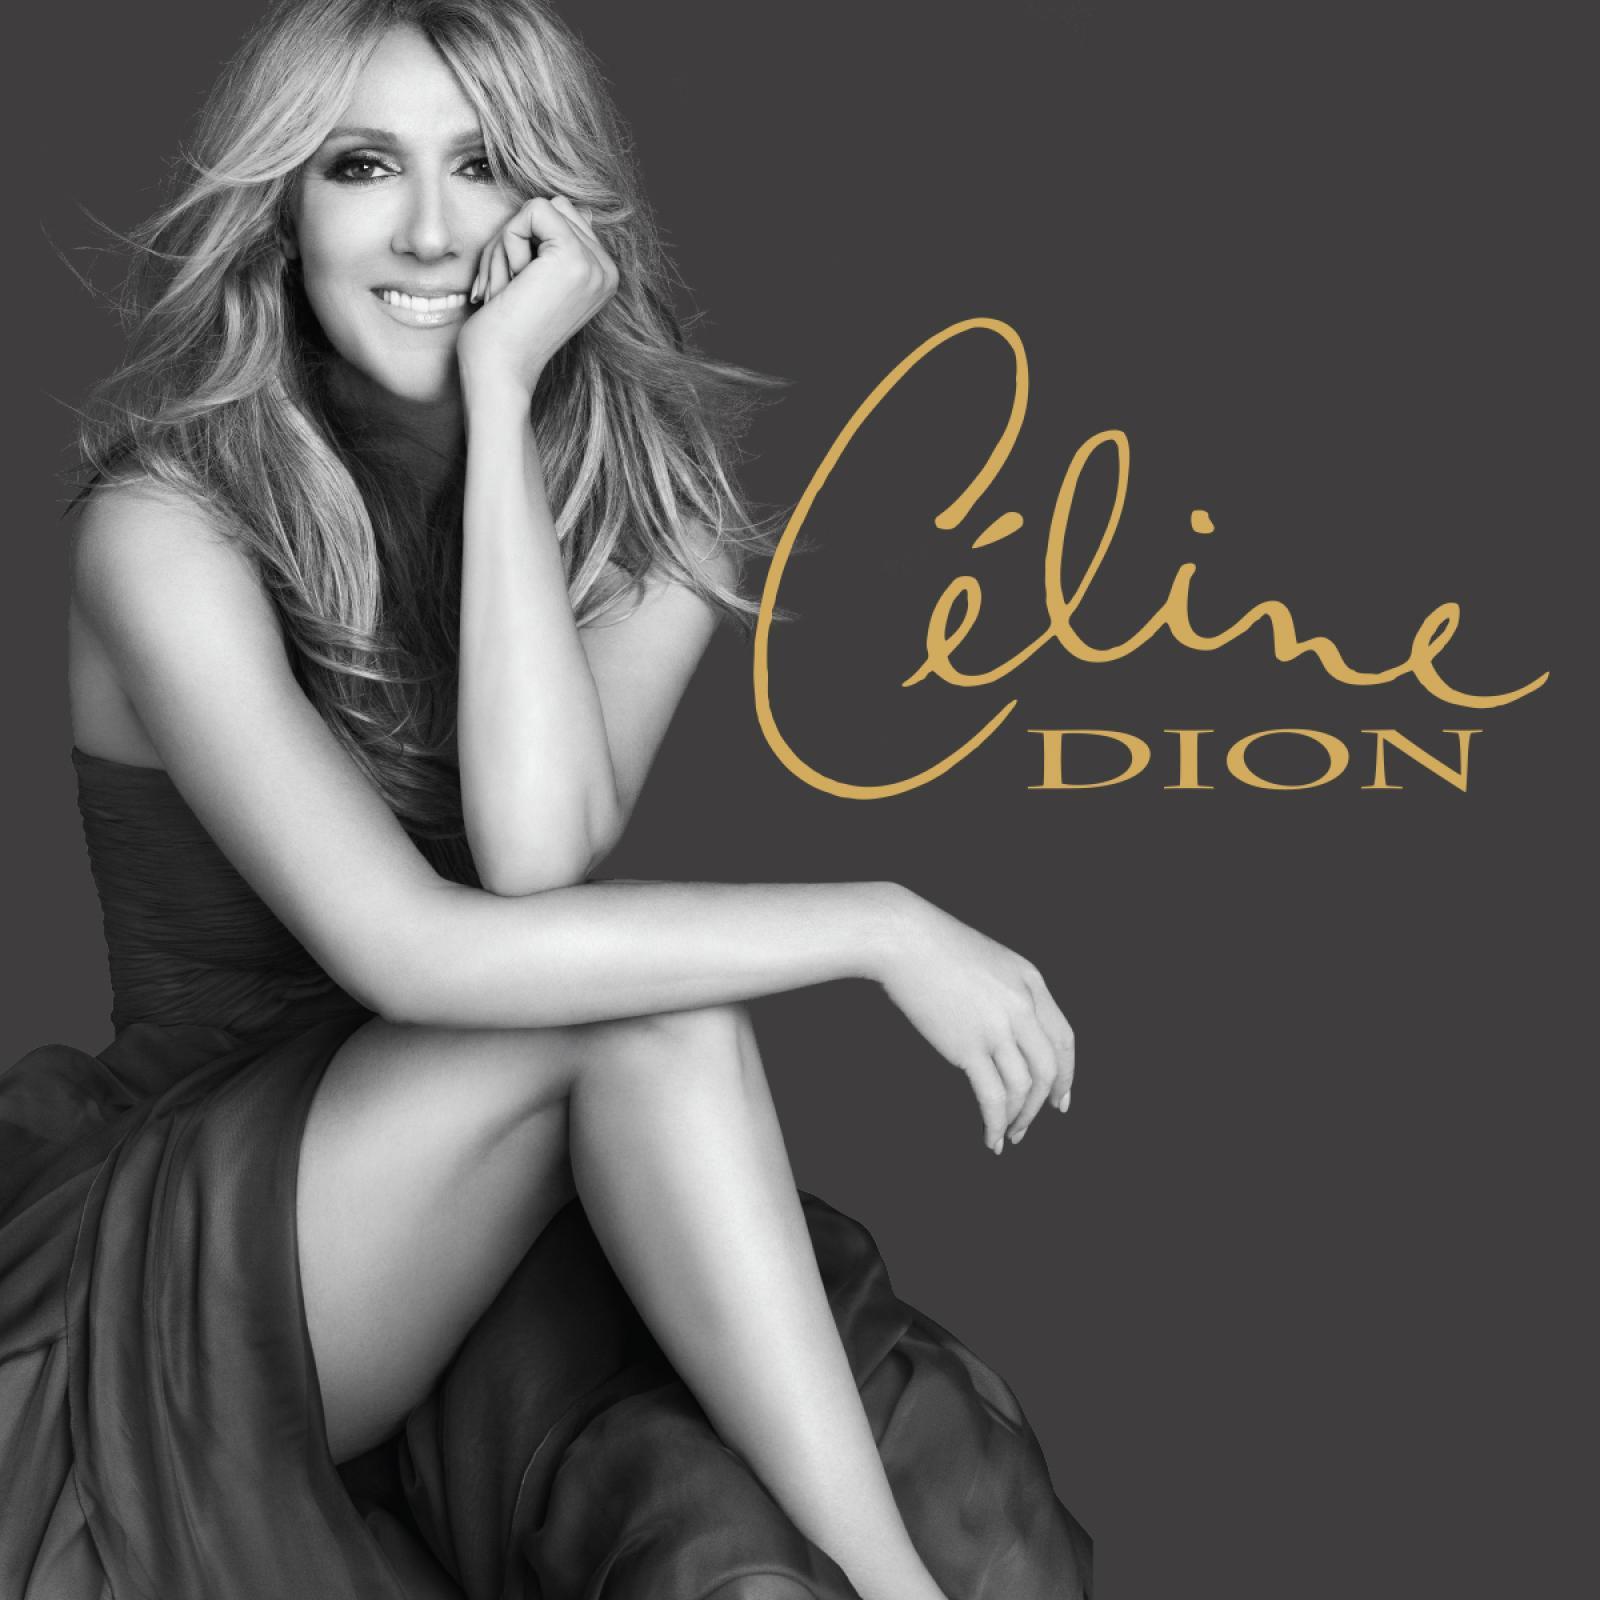 Pics Celine Dion